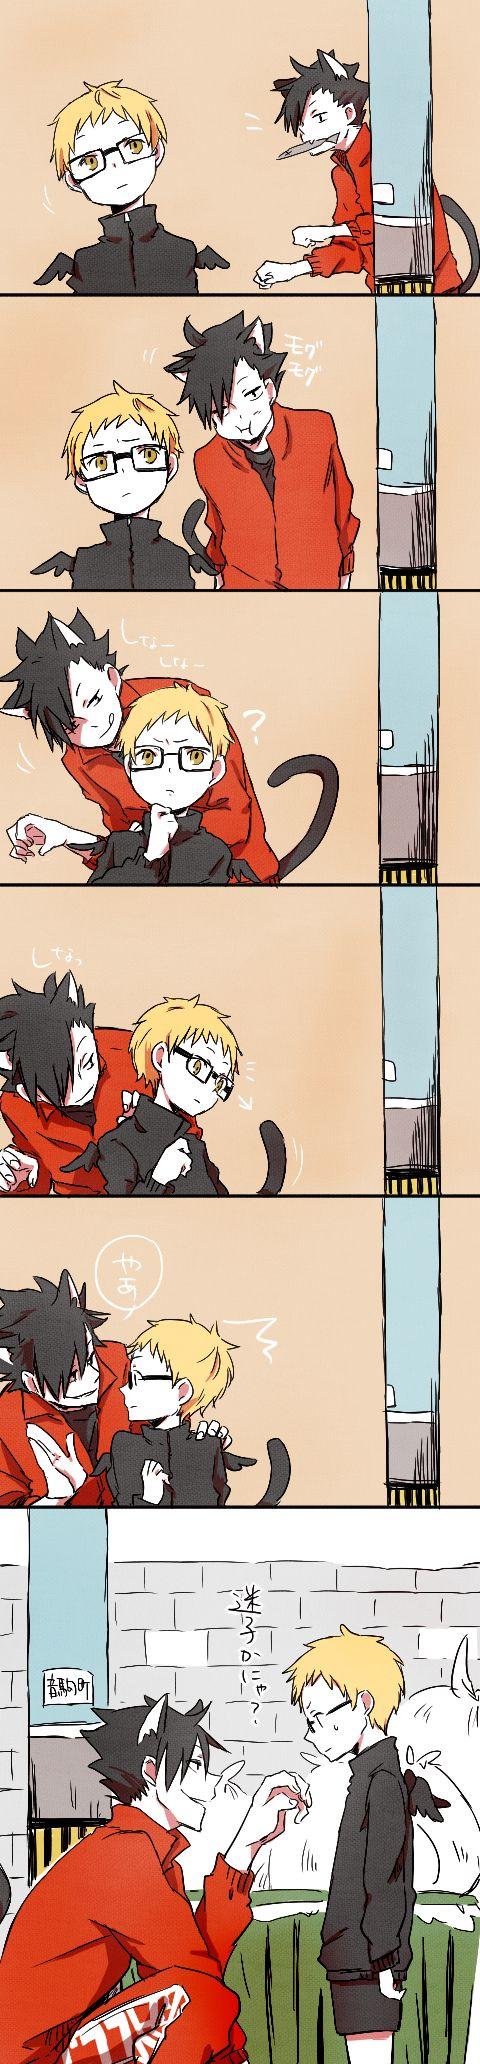 Tsukishima and Kuroo